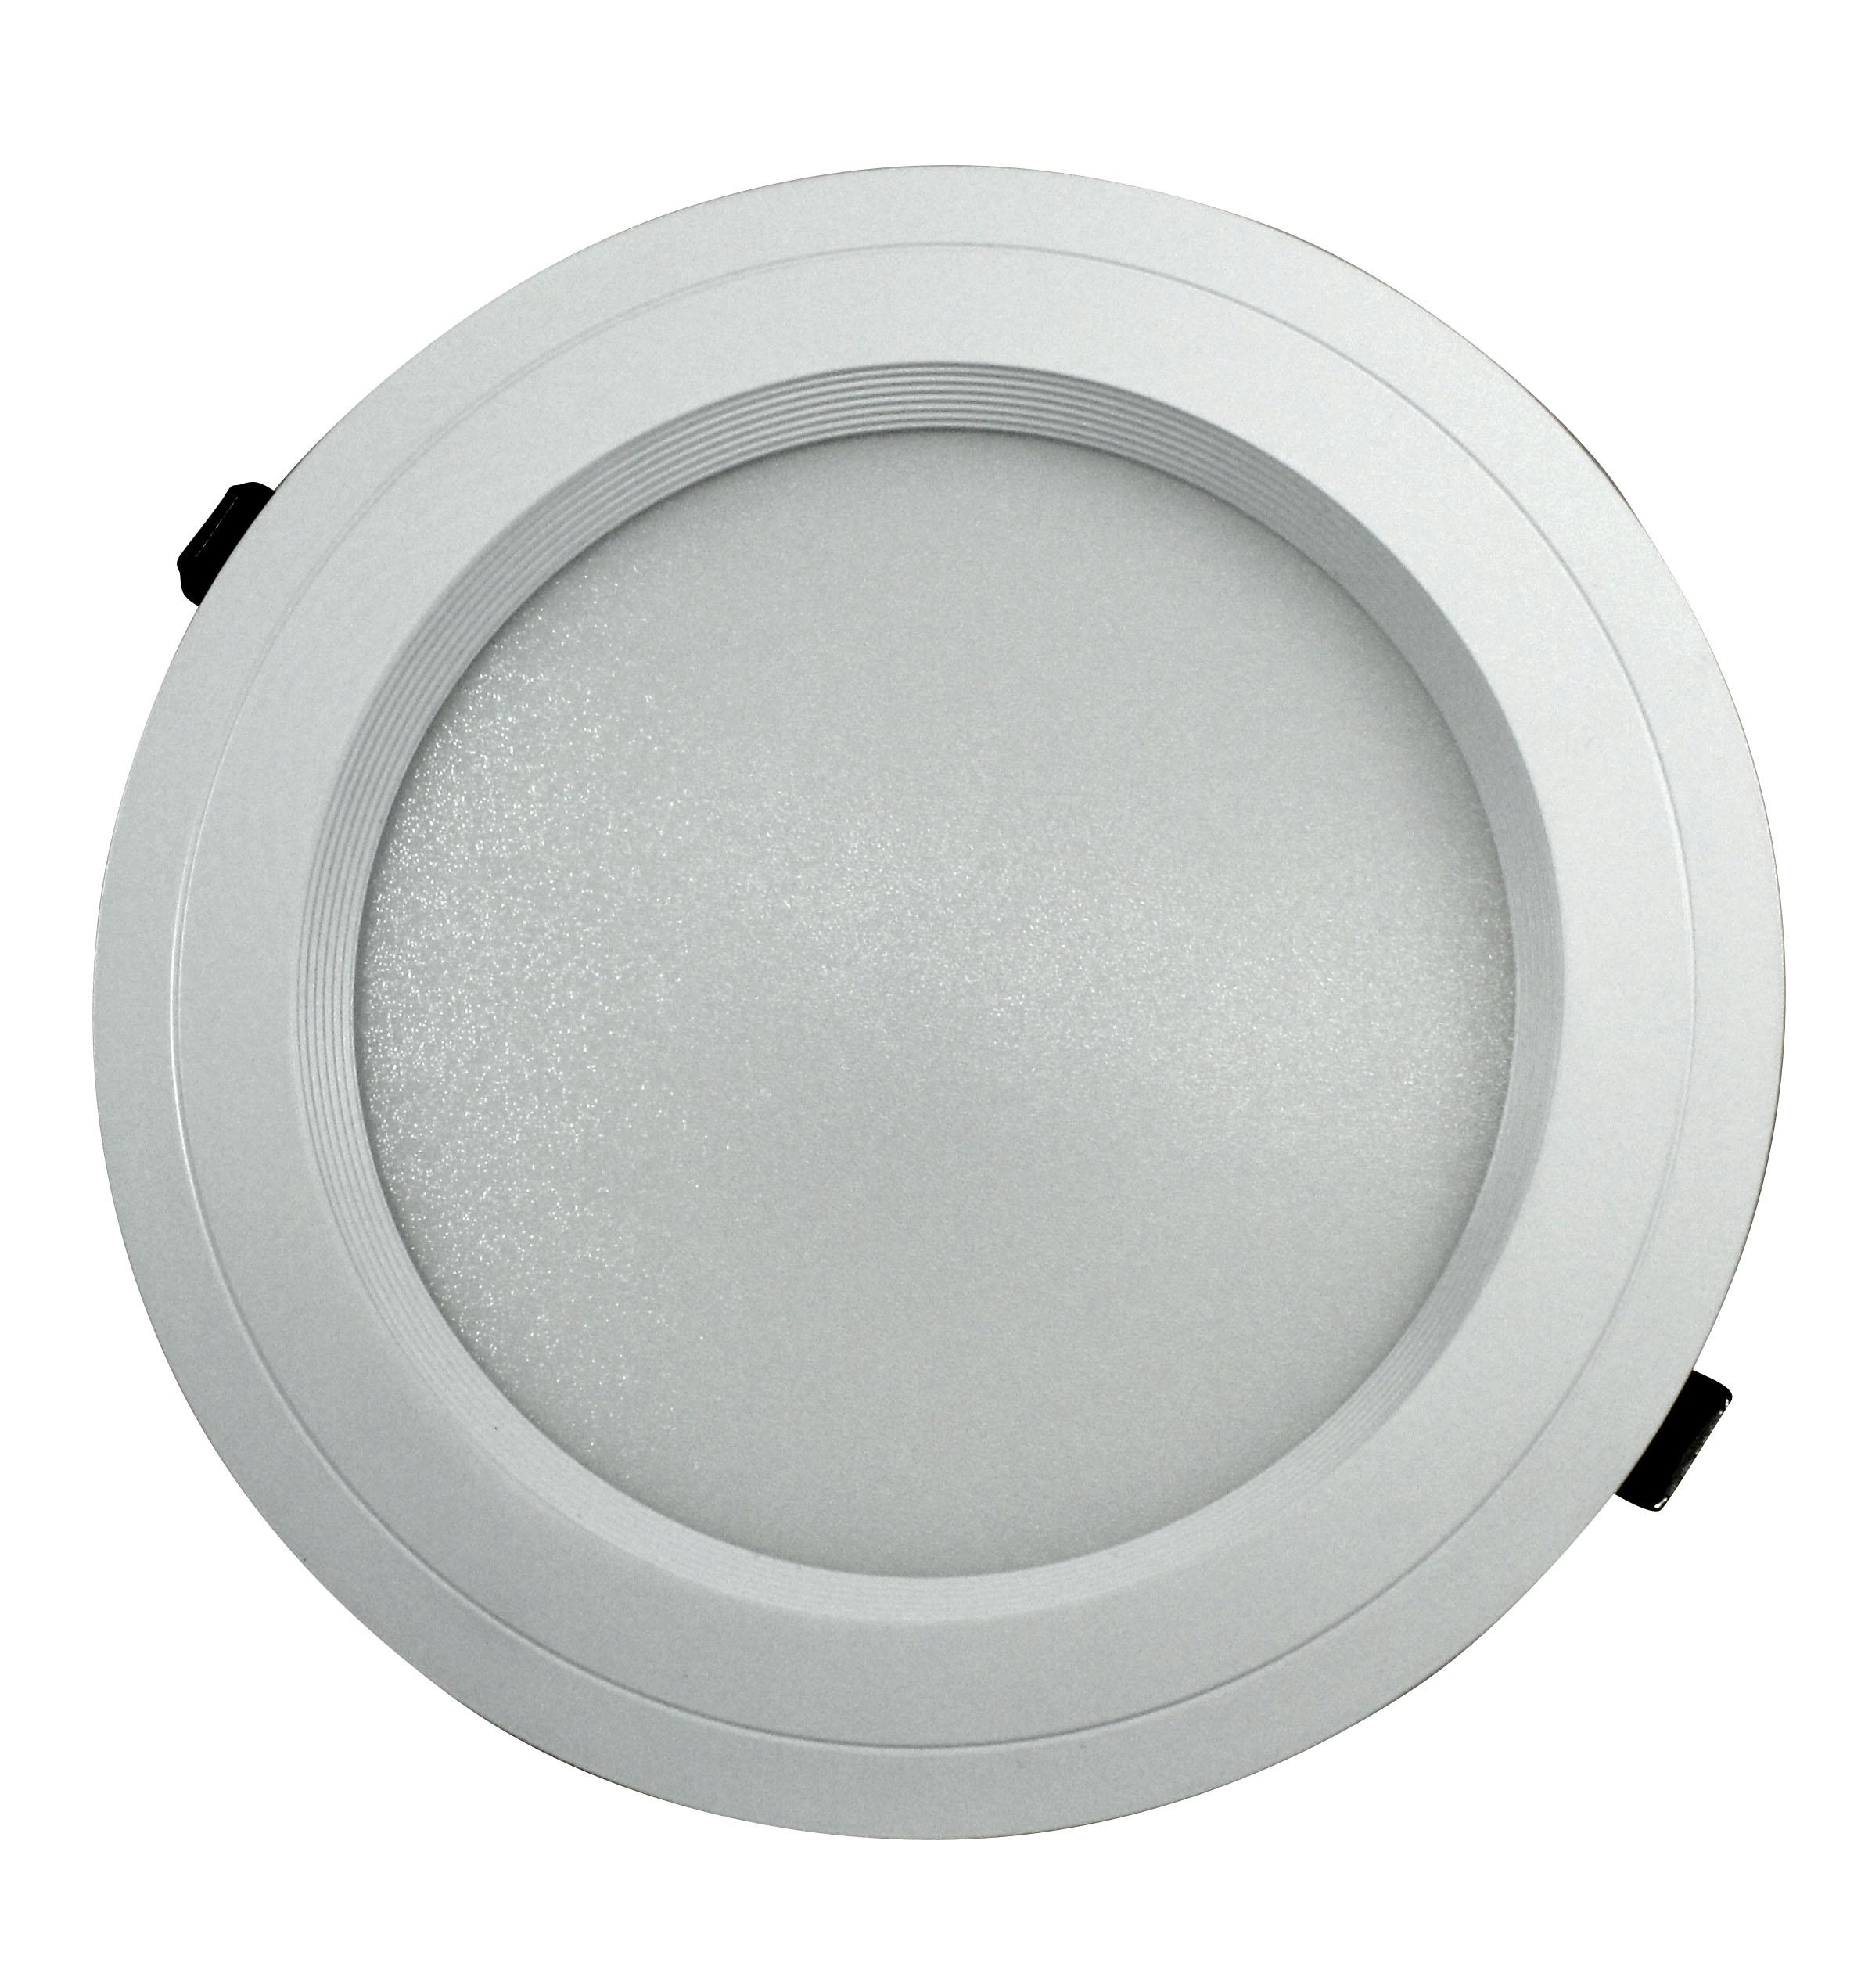 Светильник встраиваемый МАЯК Mq-7507-3000k